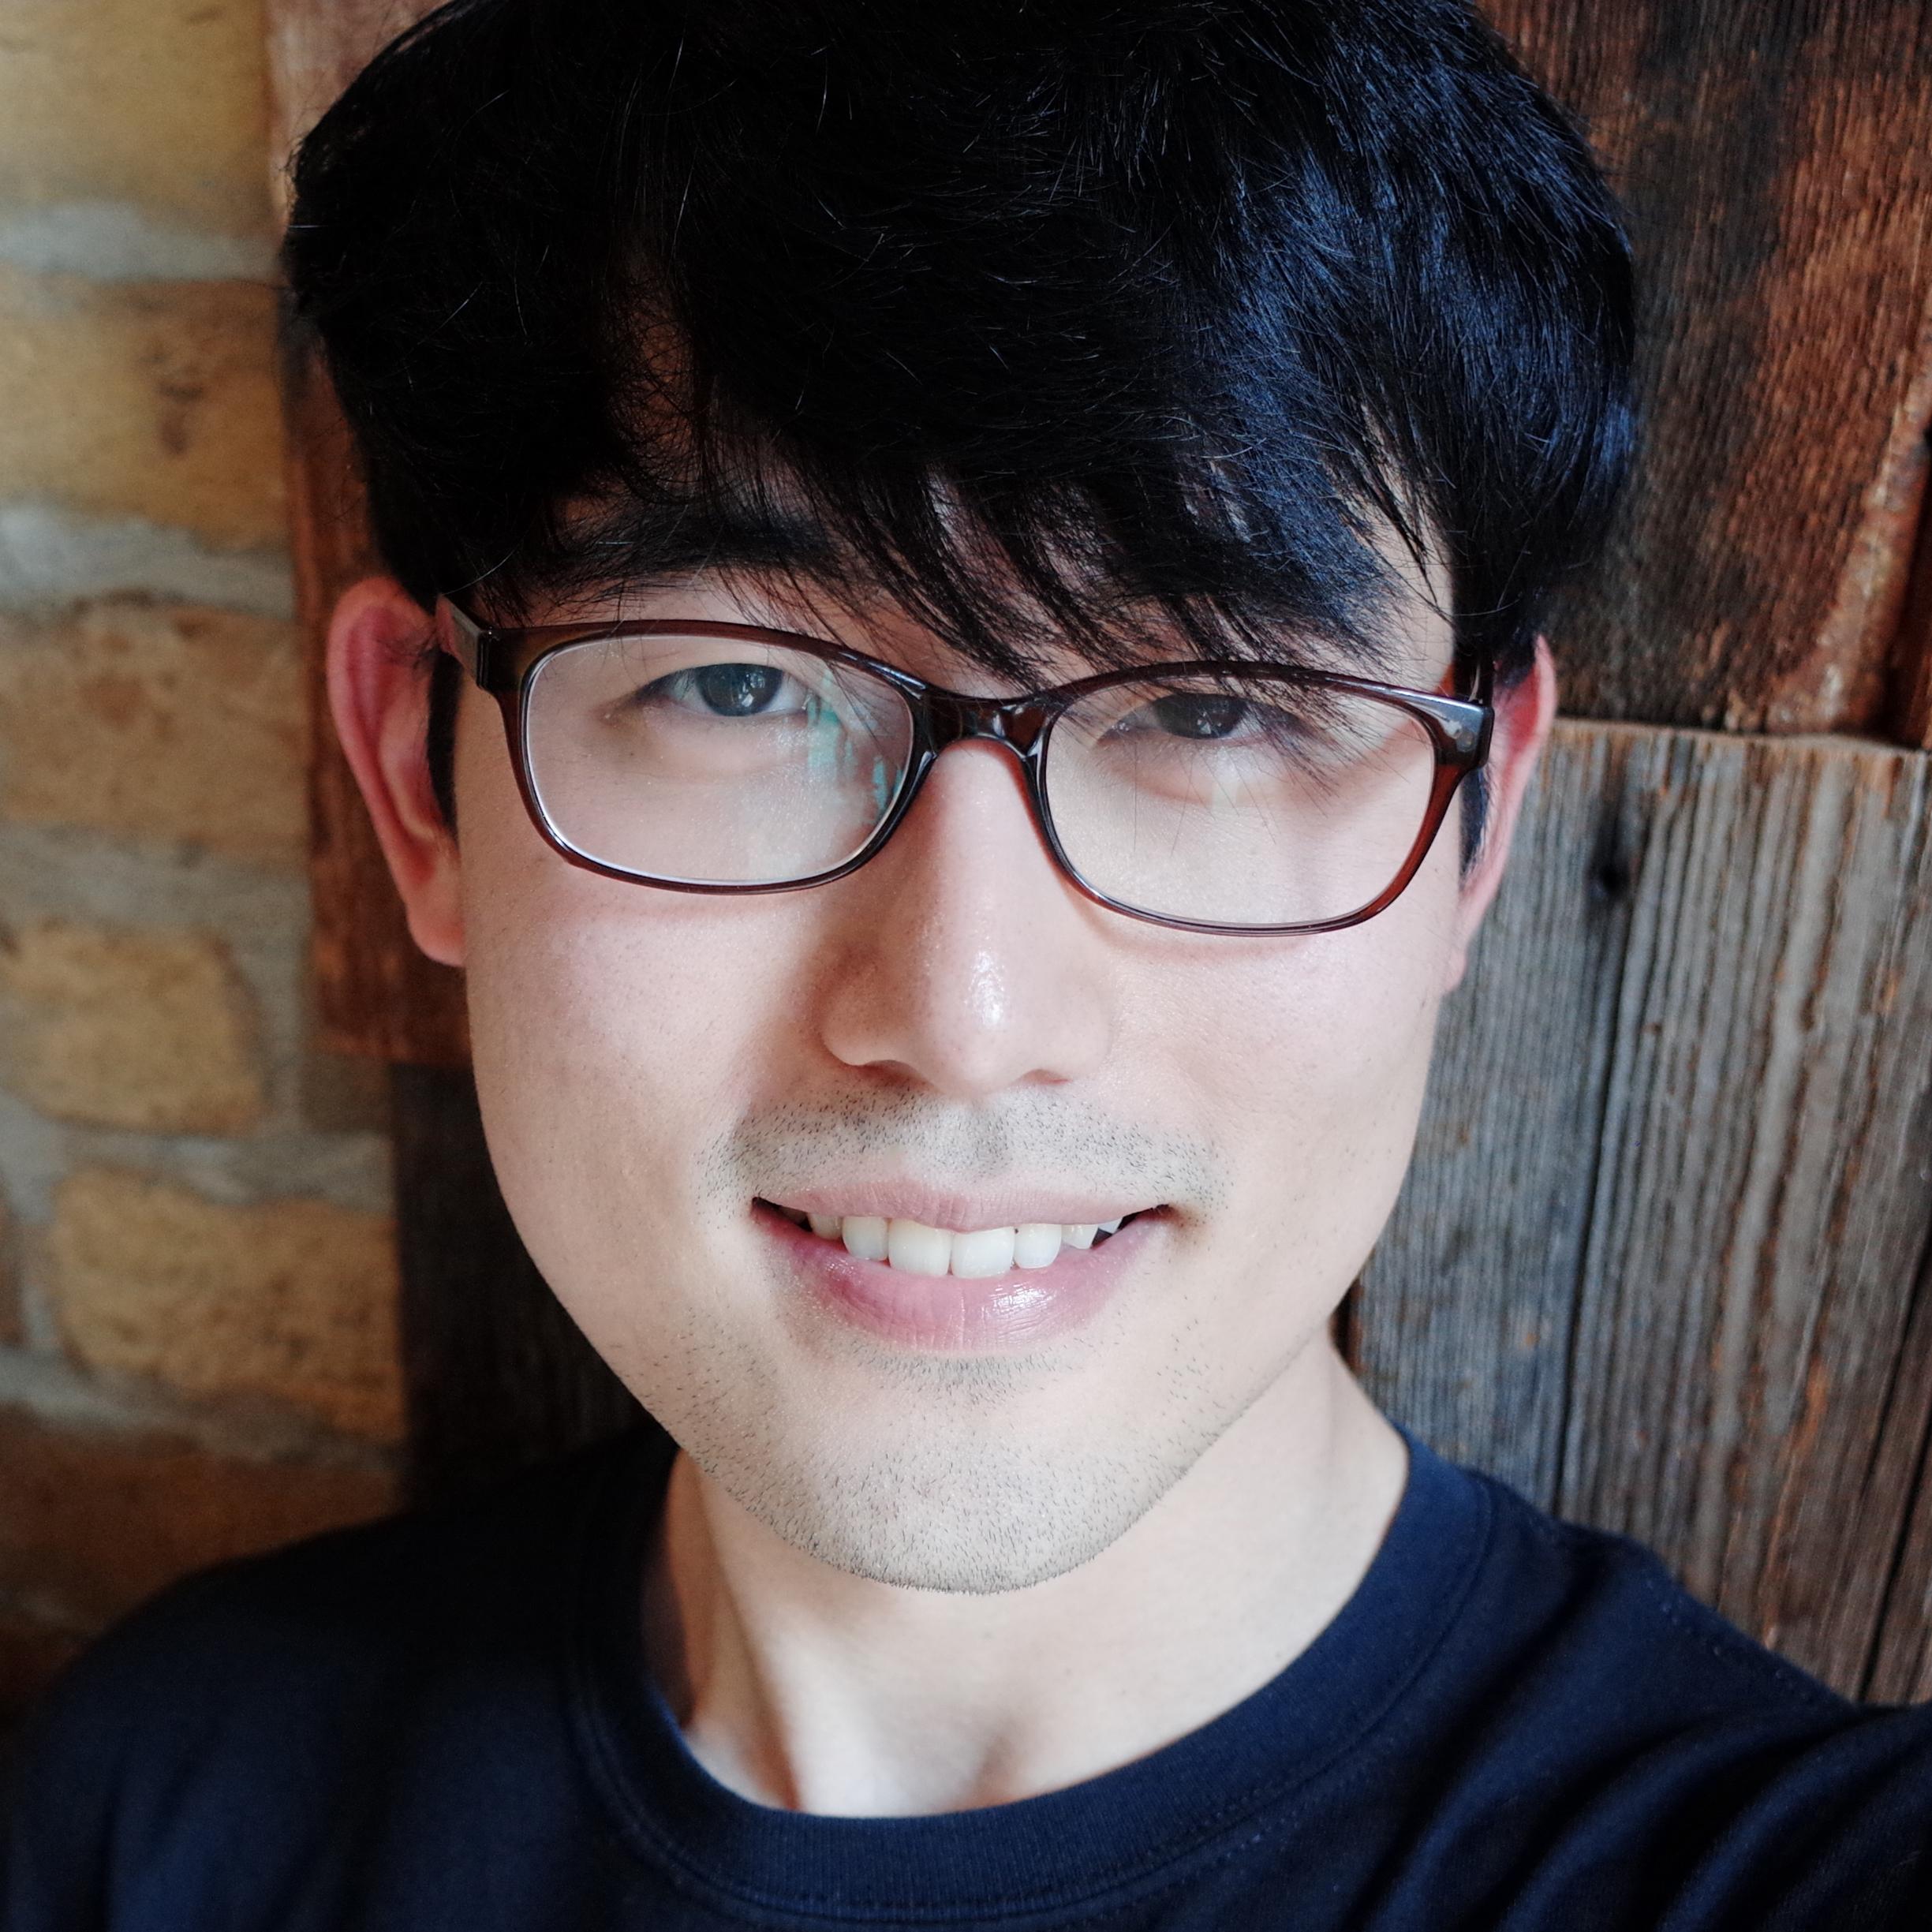 Nalbeat Kwon